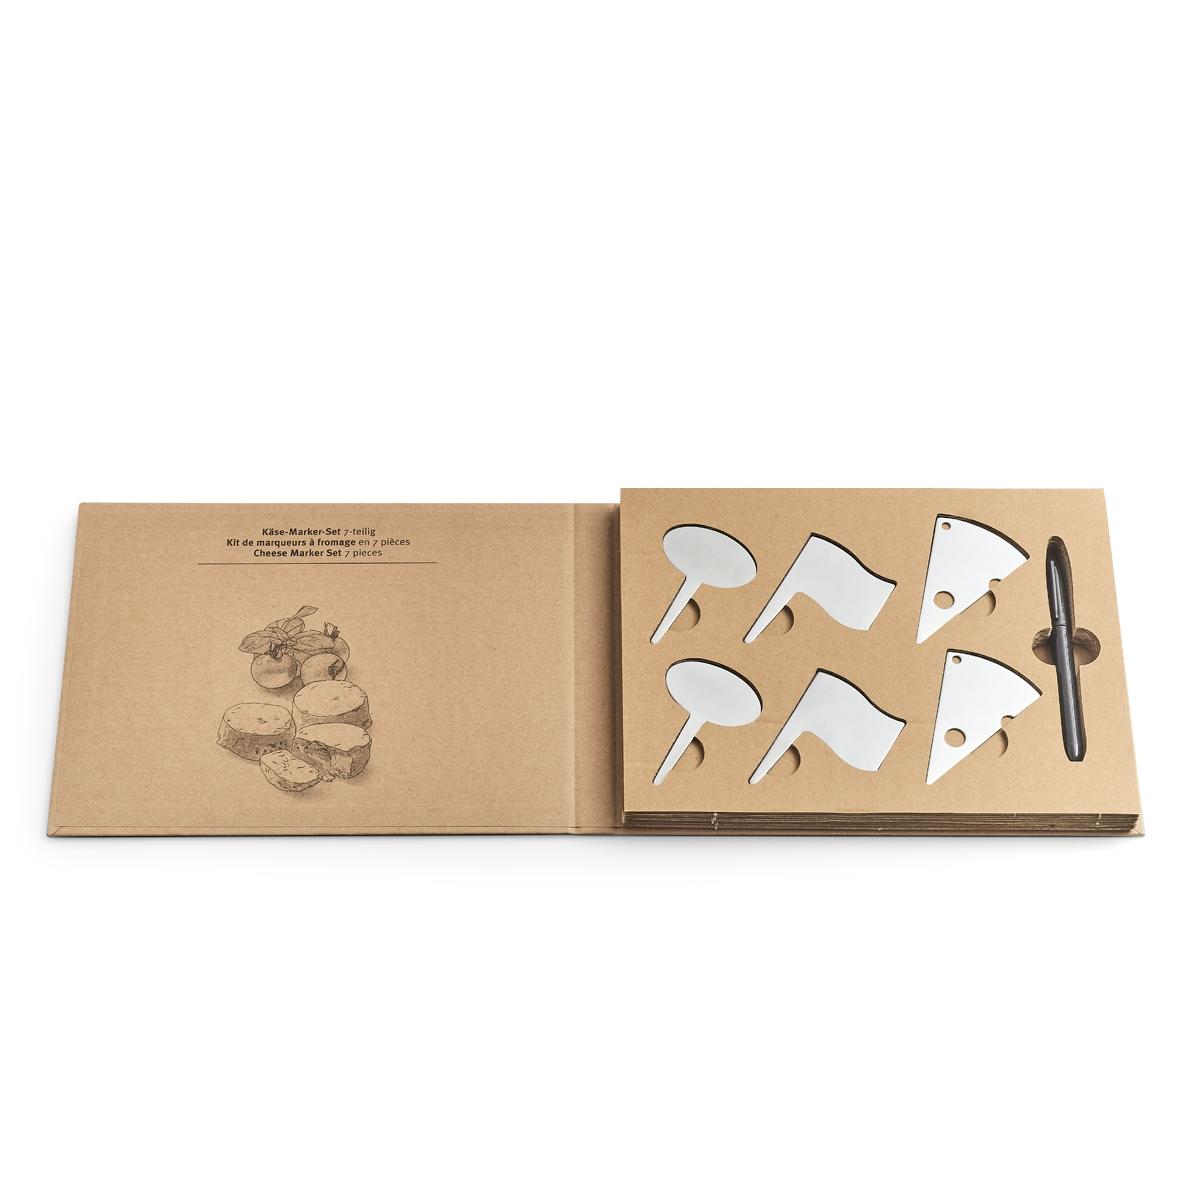 Set accesorii branzeturi din otel inoxidabil + marker in cutie cadou Cheese Crom, 7 piese poza